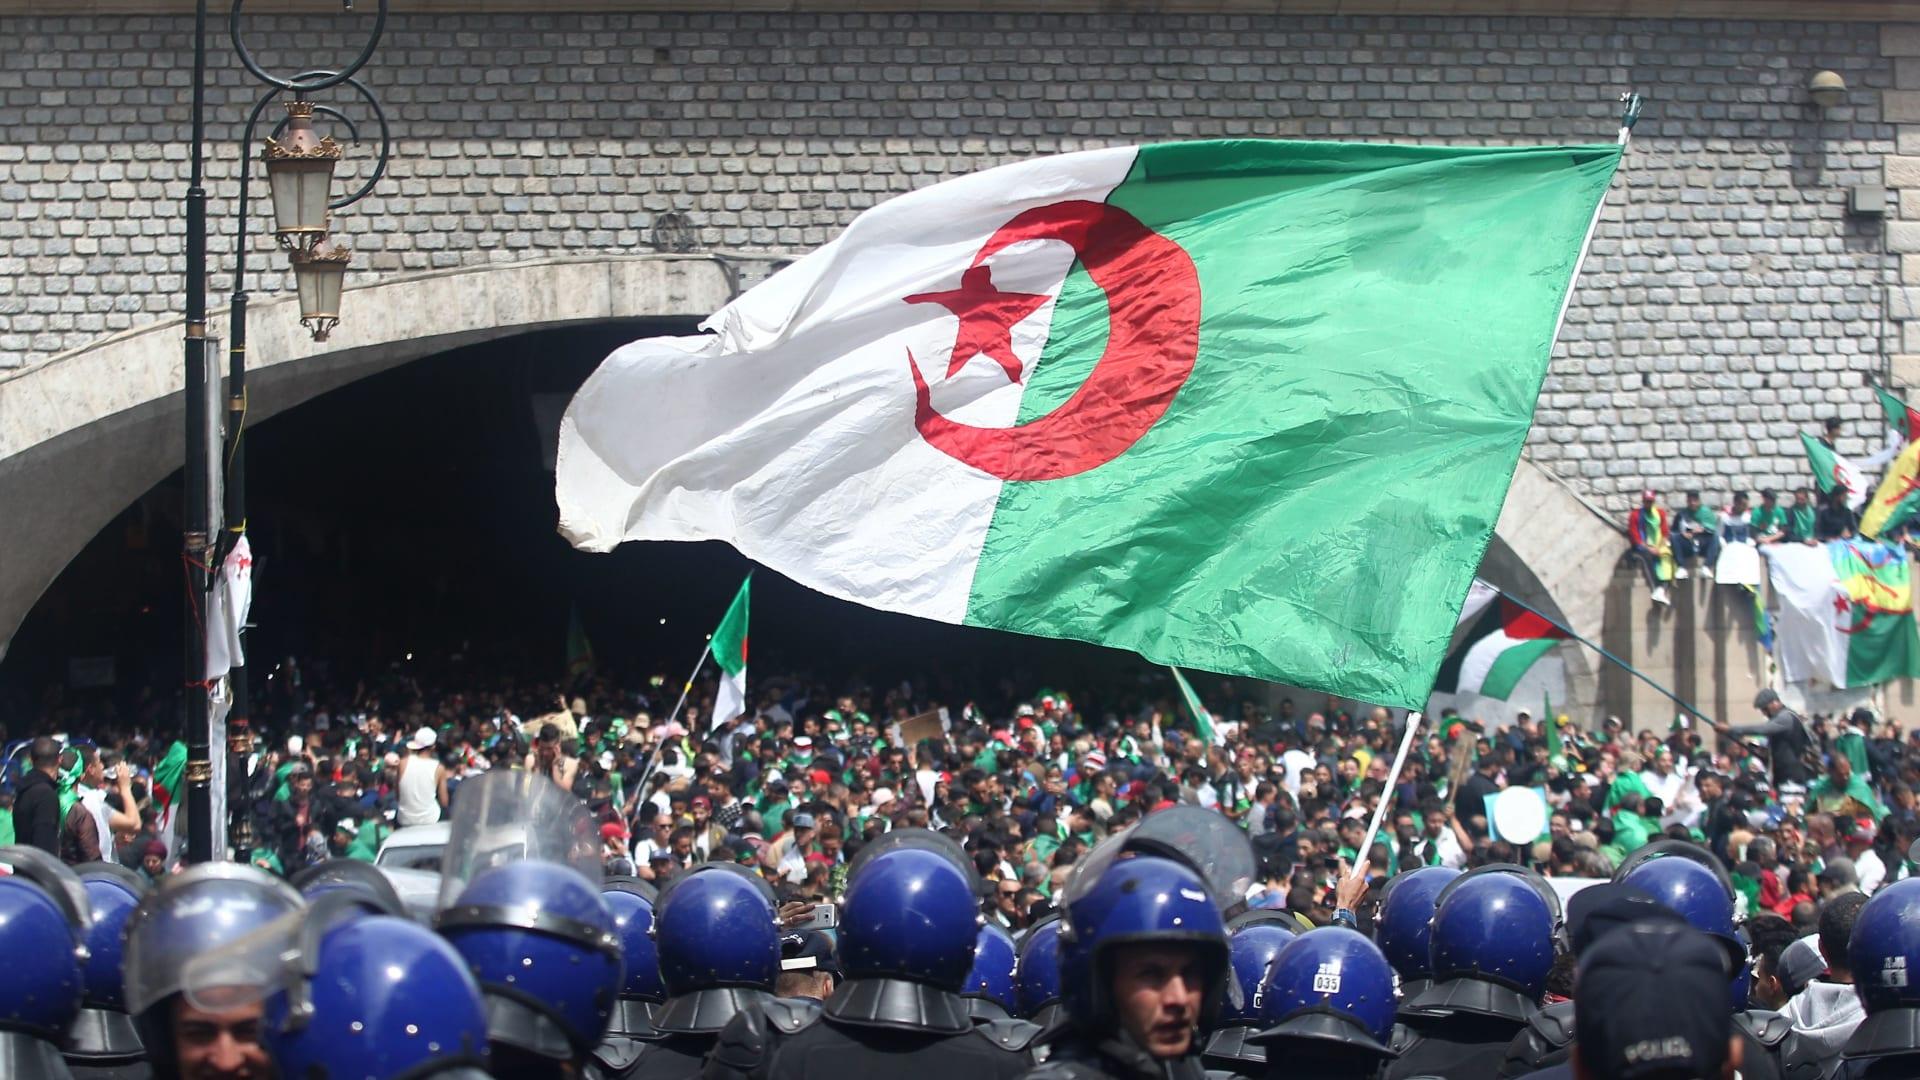 """أدرعي يتساءل عن سبب وجود علم الجزائر مع شعار """"النازية"""".. فما القضية؟"""